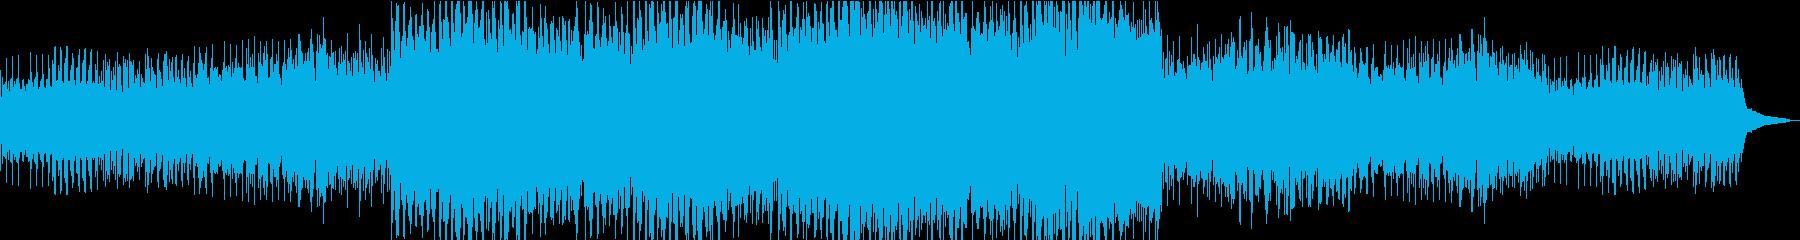 現代的 交響曲 エピック ファンタ...の再生済みの波形